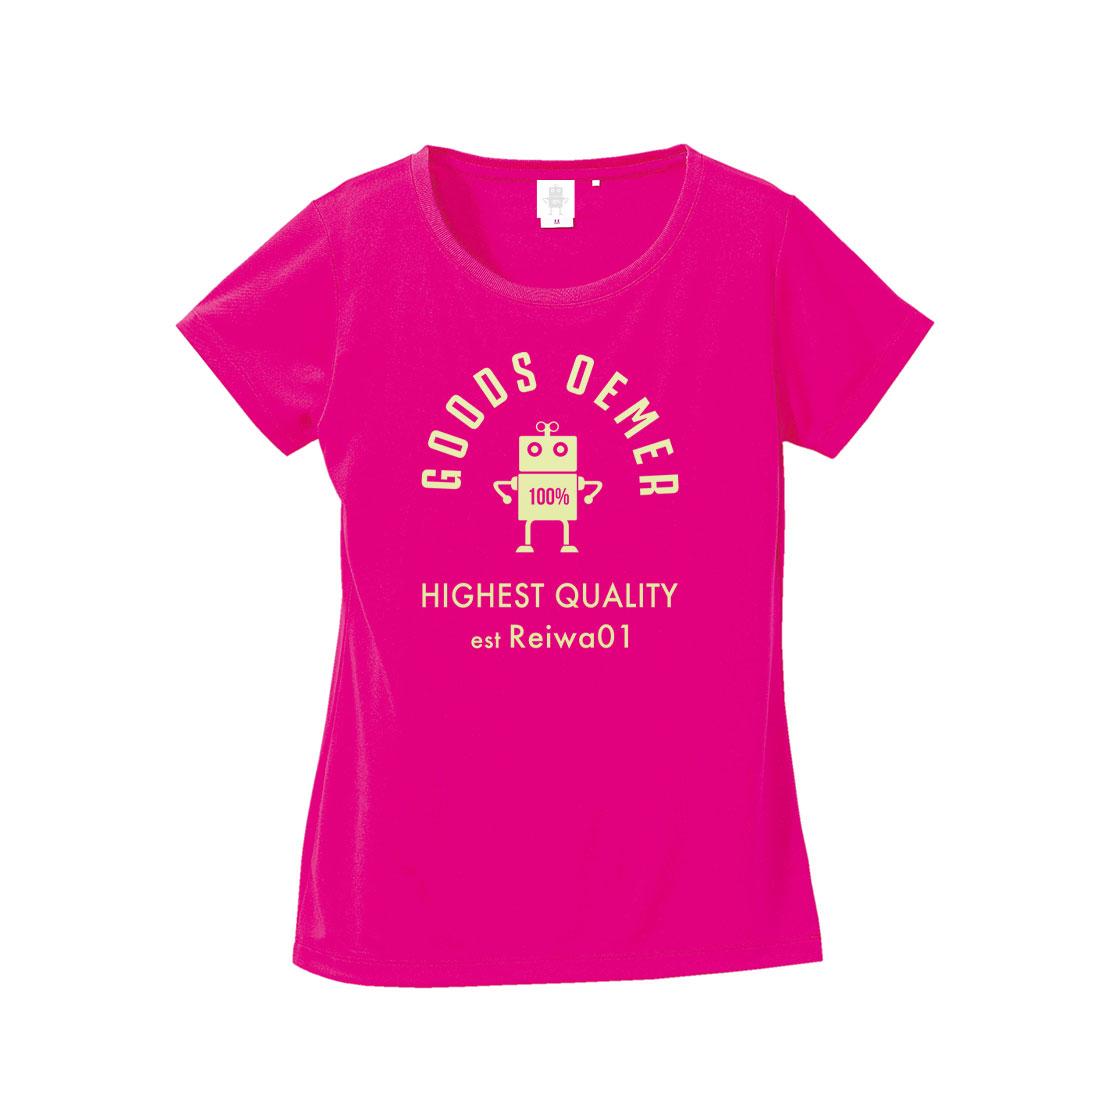 ドライ Tシャツ レディース ピンク